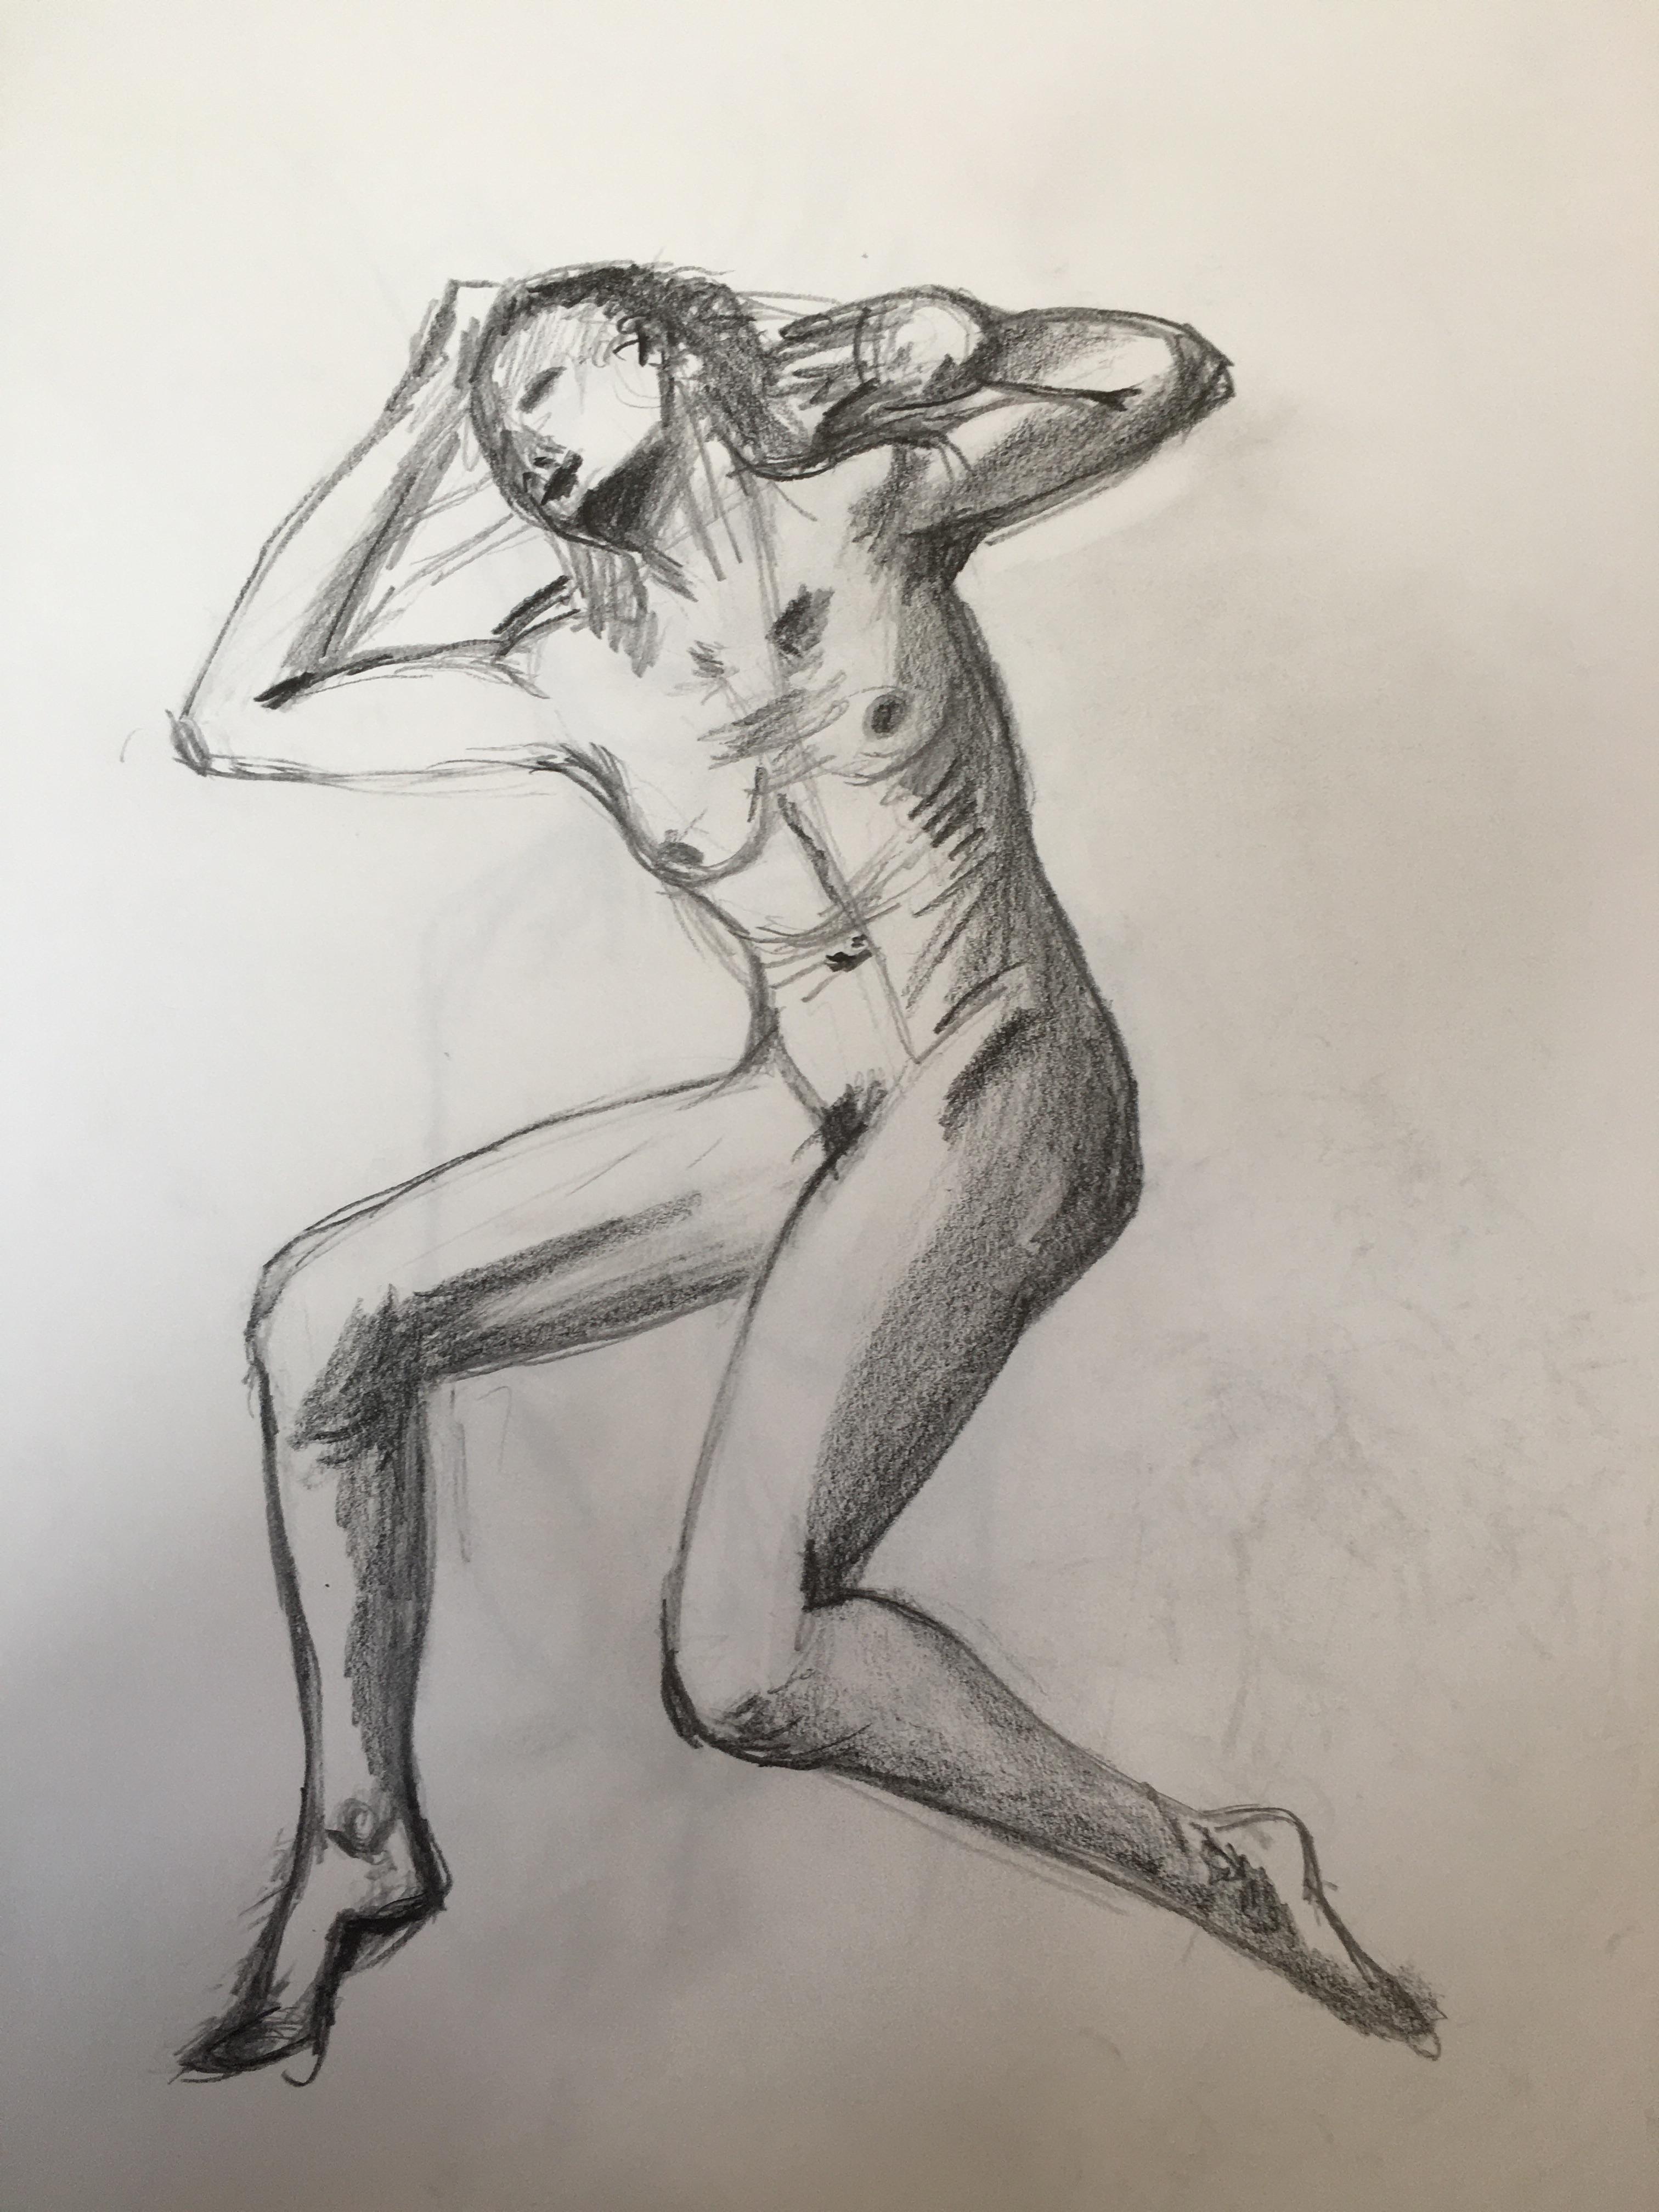 Dessin graphite sur papier mod�le vivant Assis  cours de dessin